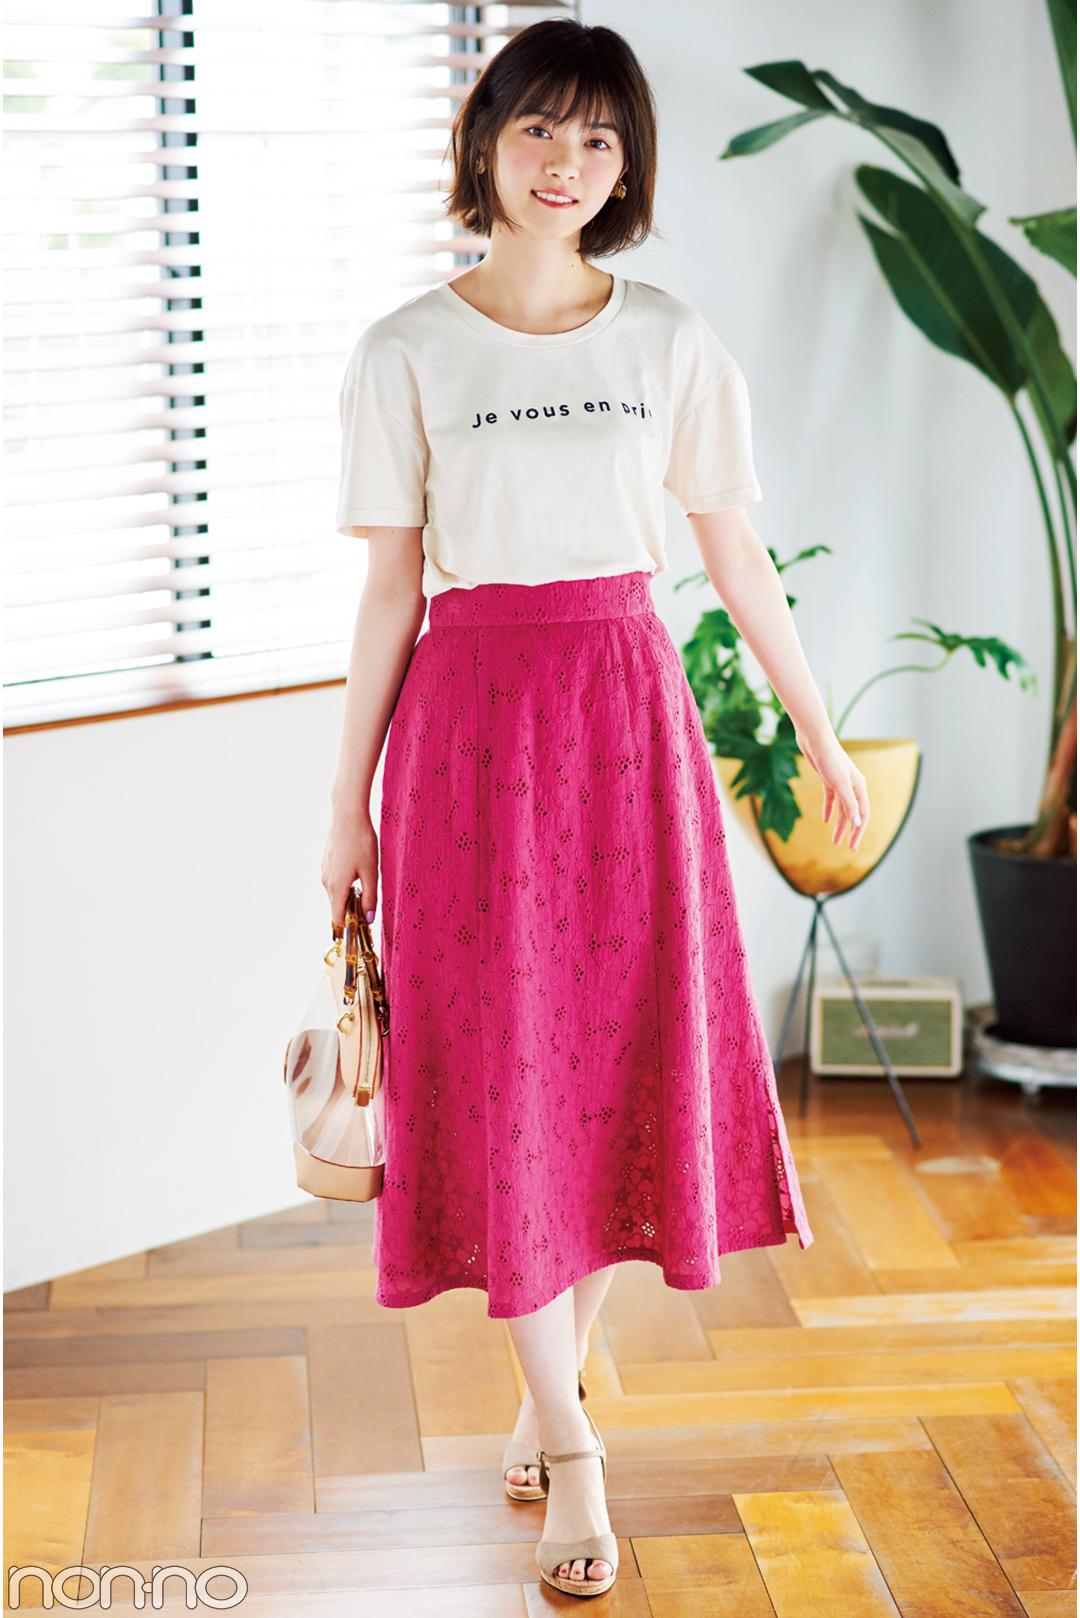 西野七瀬の夏スタイル♡ ロゴTシャツ着回しコーデ1×3!_1_3-3